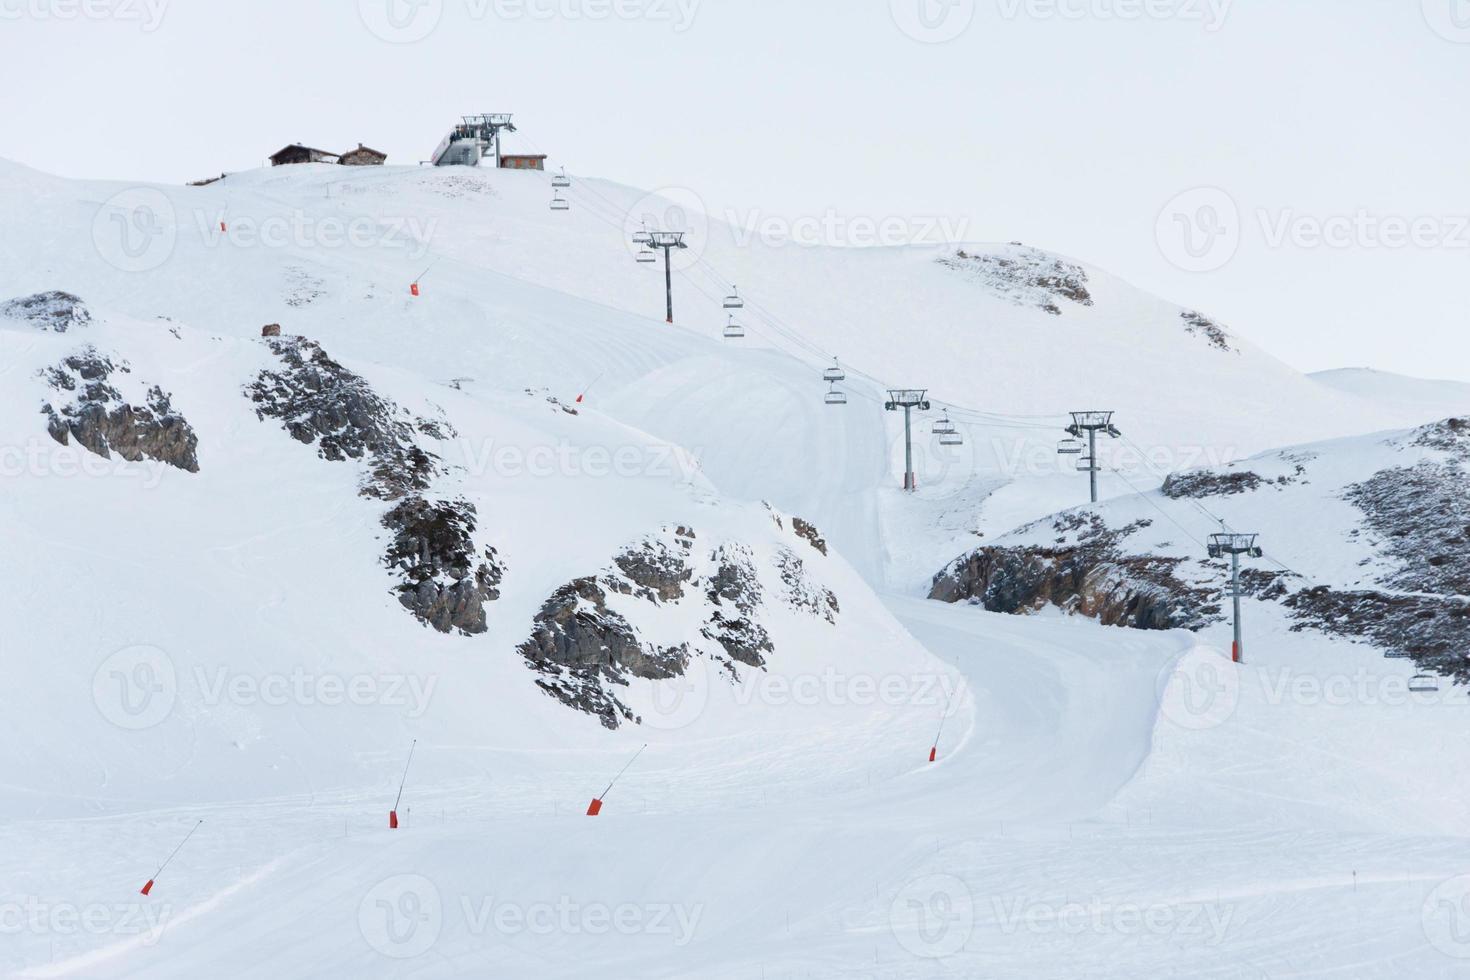 Ski Slope in the French Alps photo